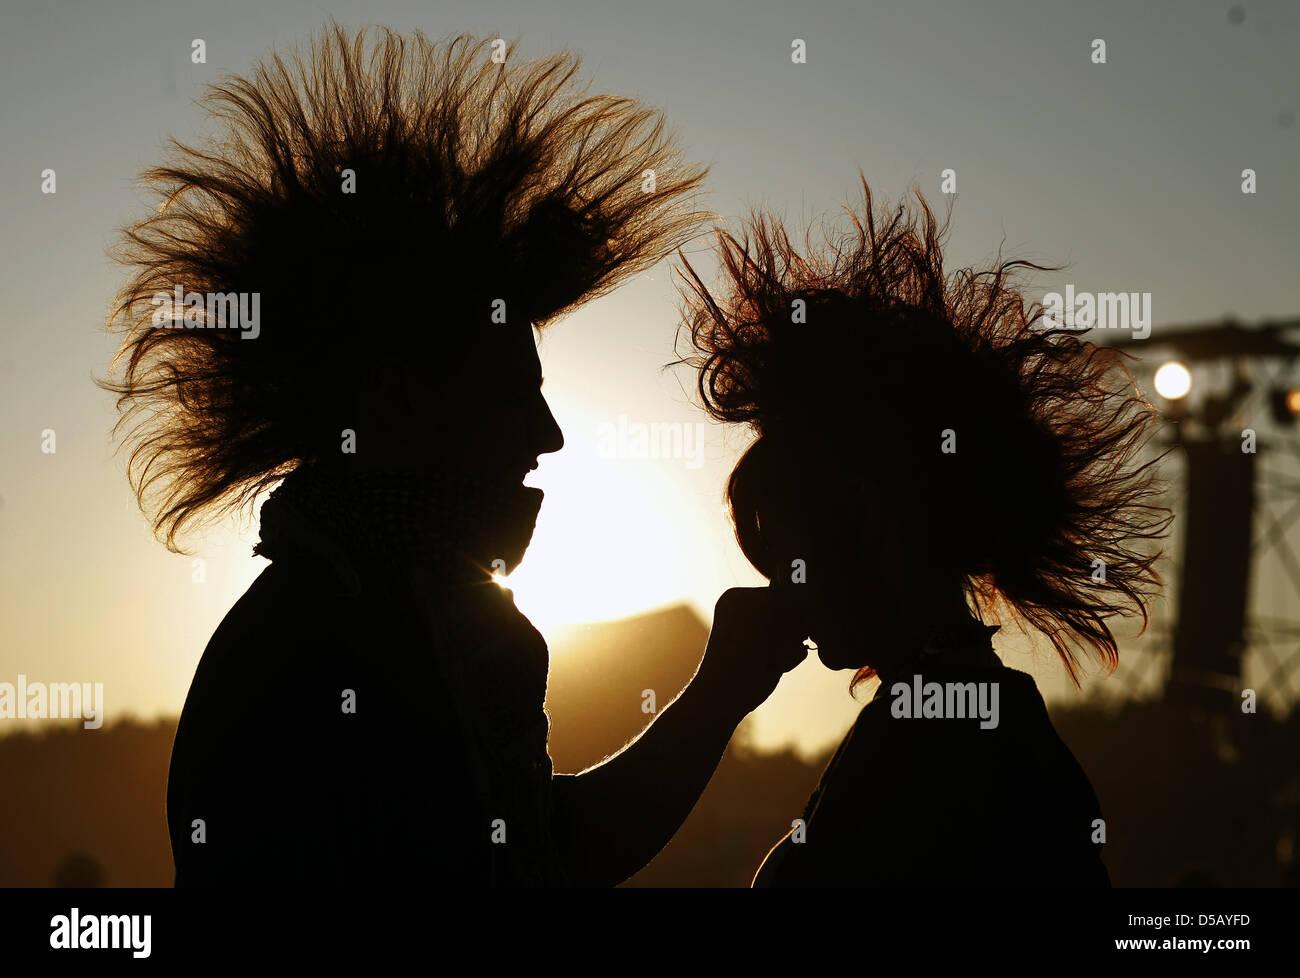 (Dpa) un archivo de imagen de archivo de fecha 31 de julio de 2009, de una pareja en la retroiluminación durante Imagen De Stock